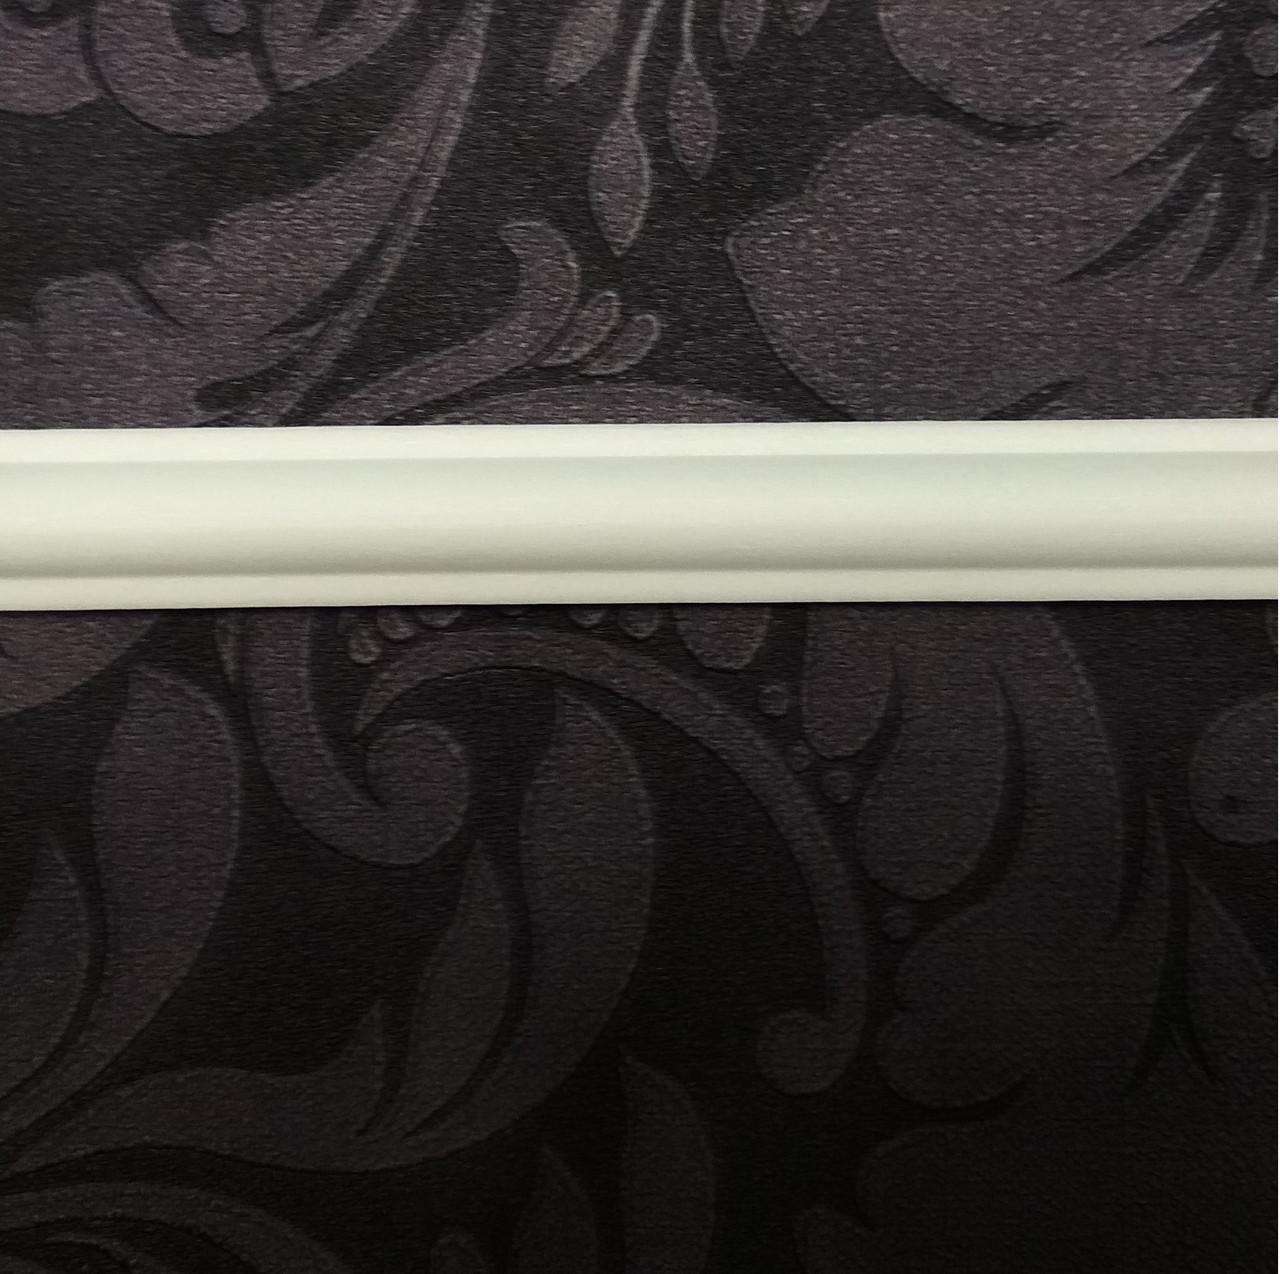 Стеновой плинтус стіновий багет 2 метра ширина 2 см (Тільки вантажні відділення)